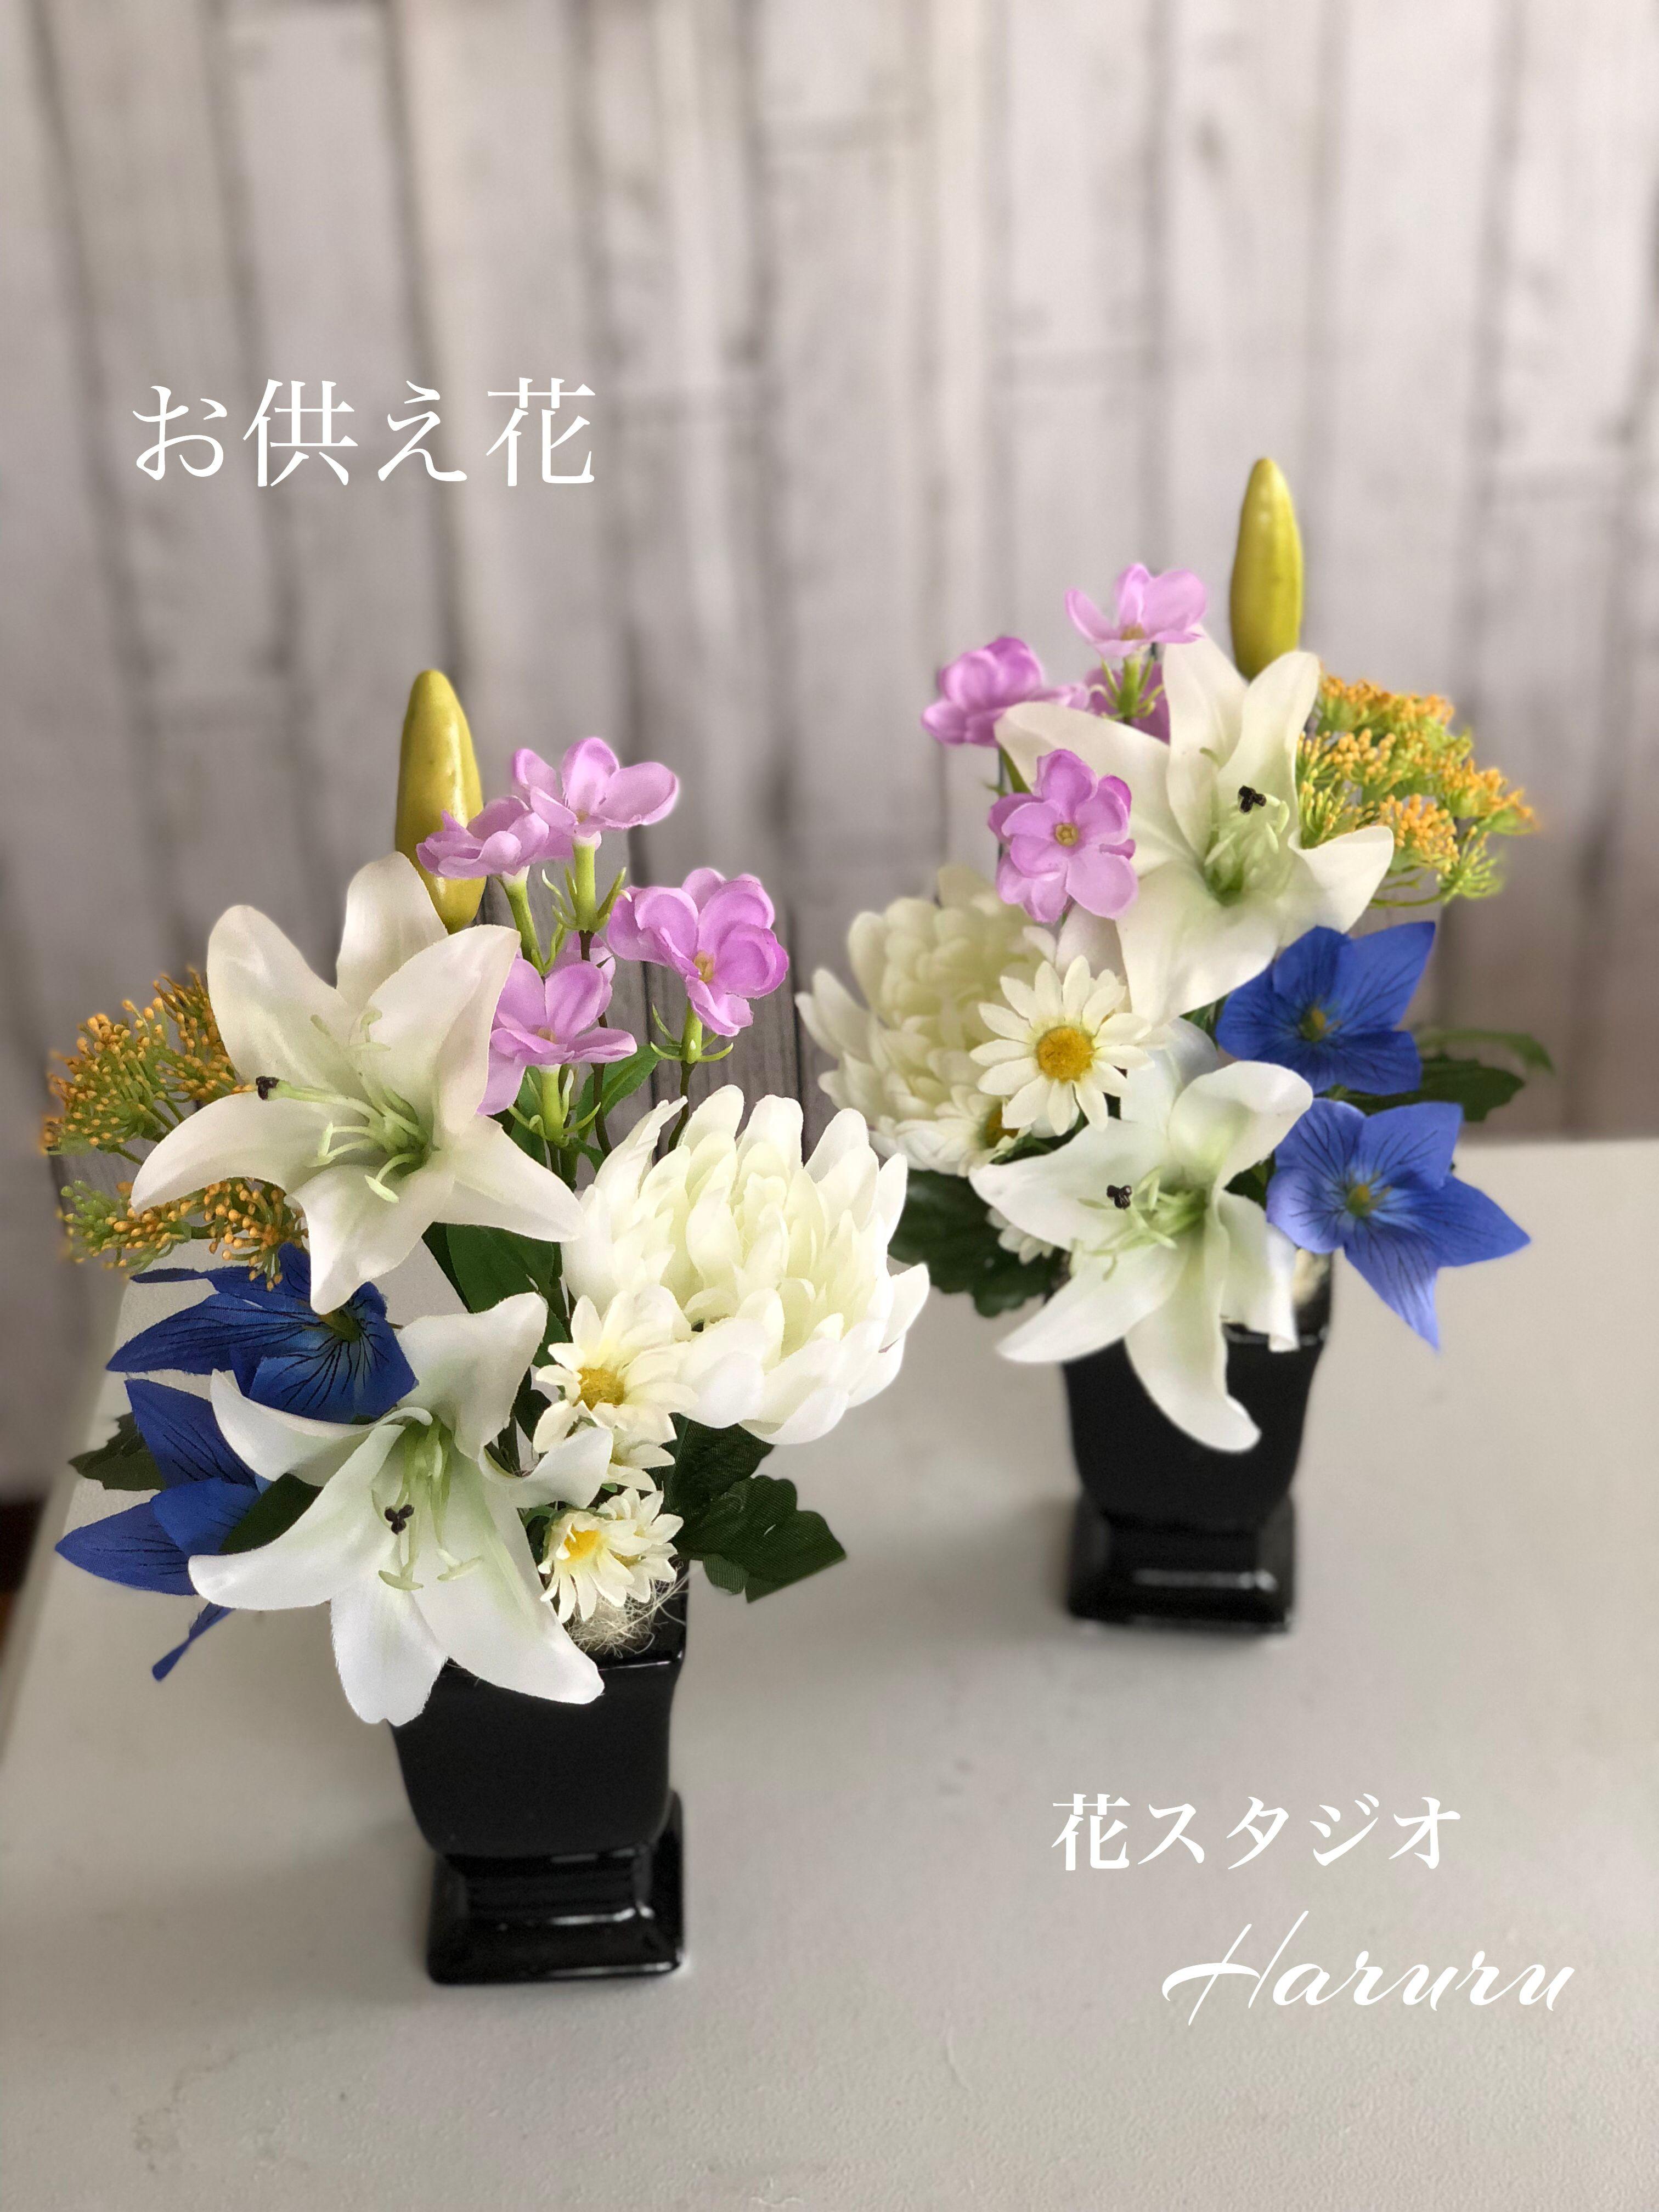 仏花 おしゃれまとめの人気アイデア Pinterest 花スタジオh Aruru 仏花